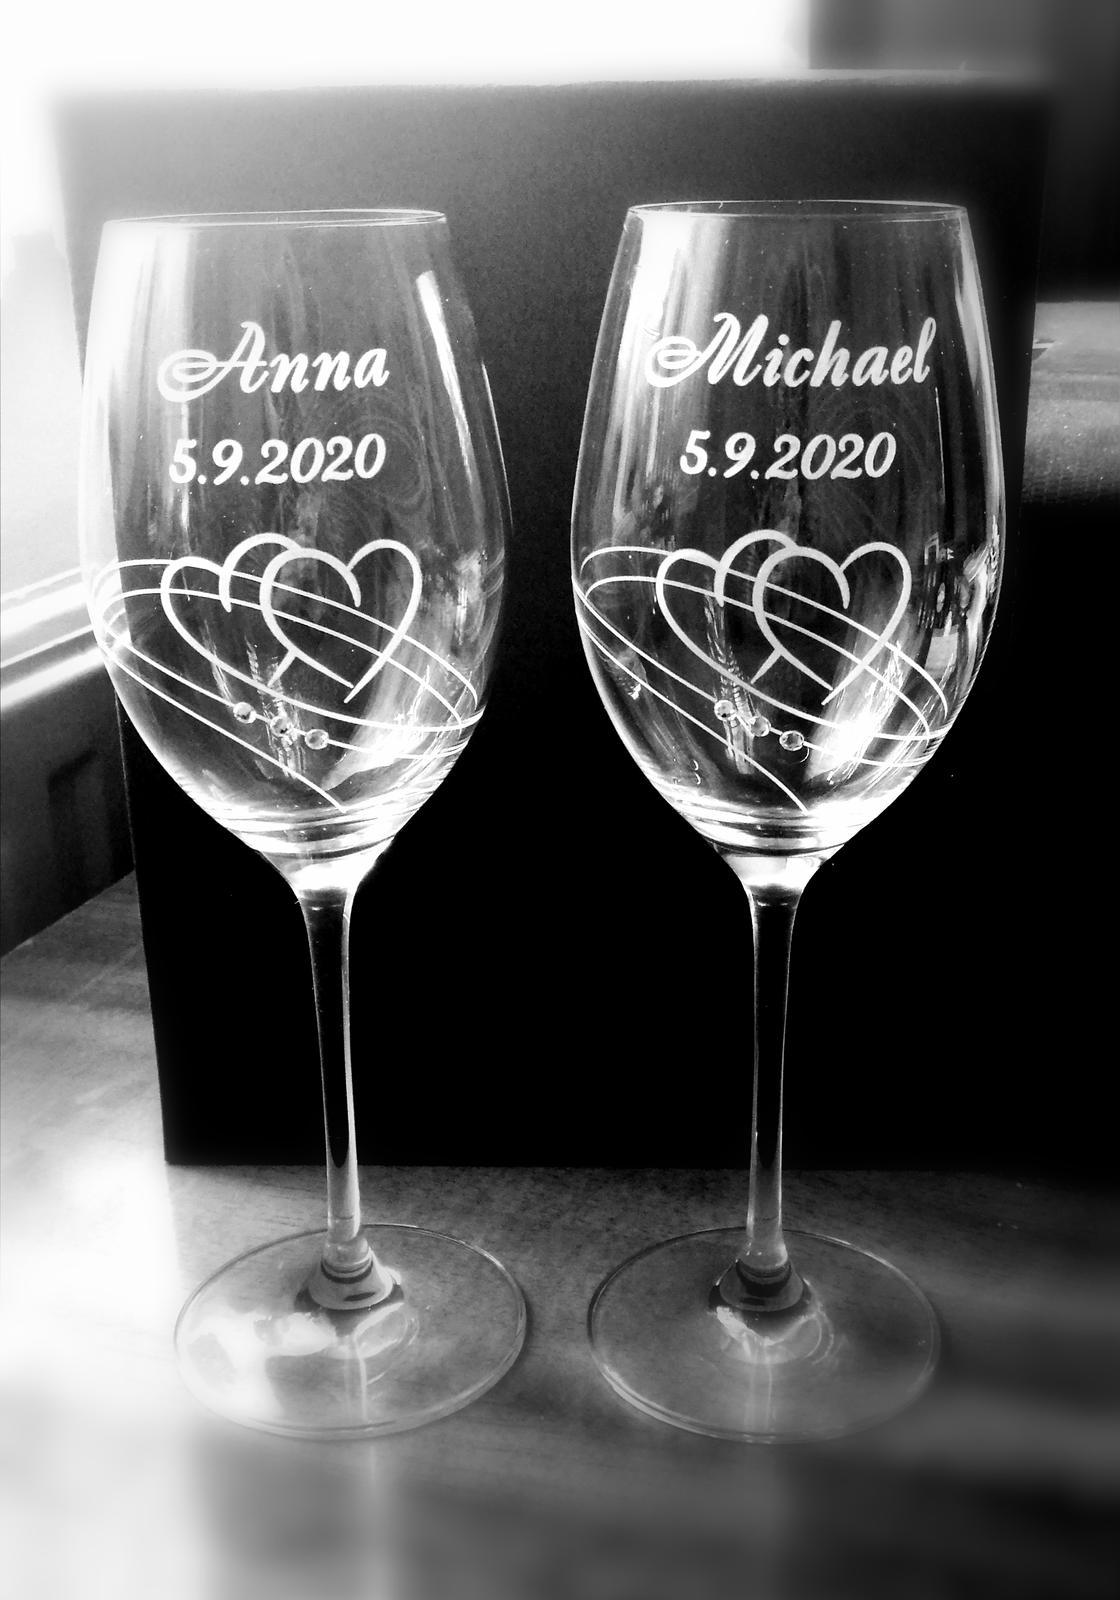 ❤ 5.9.2020 ❤ - Naše krásne poháre 😍